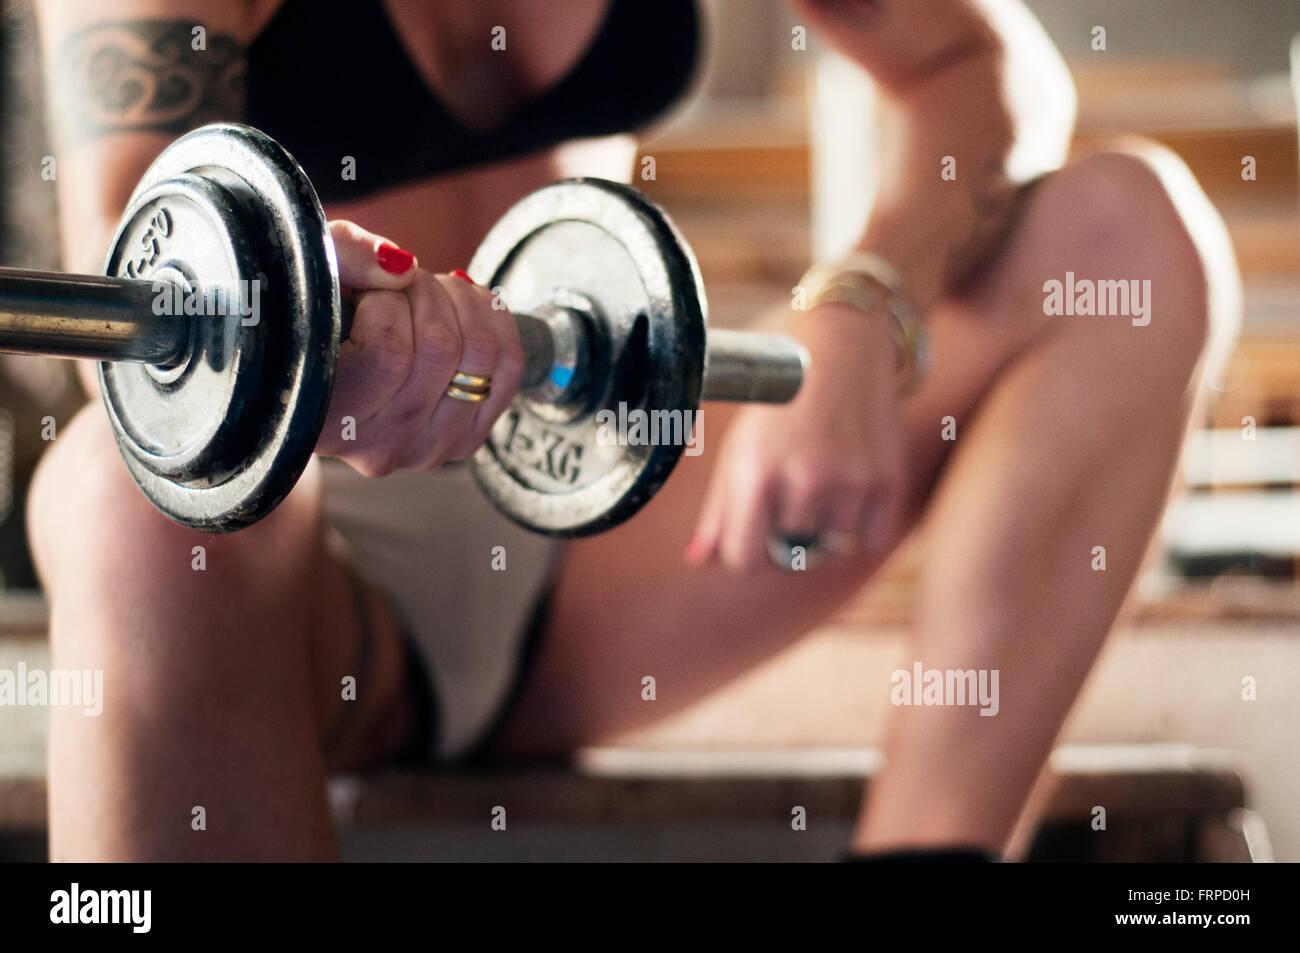 Primer plano de una mujer levantando pesas Imagen De Stock